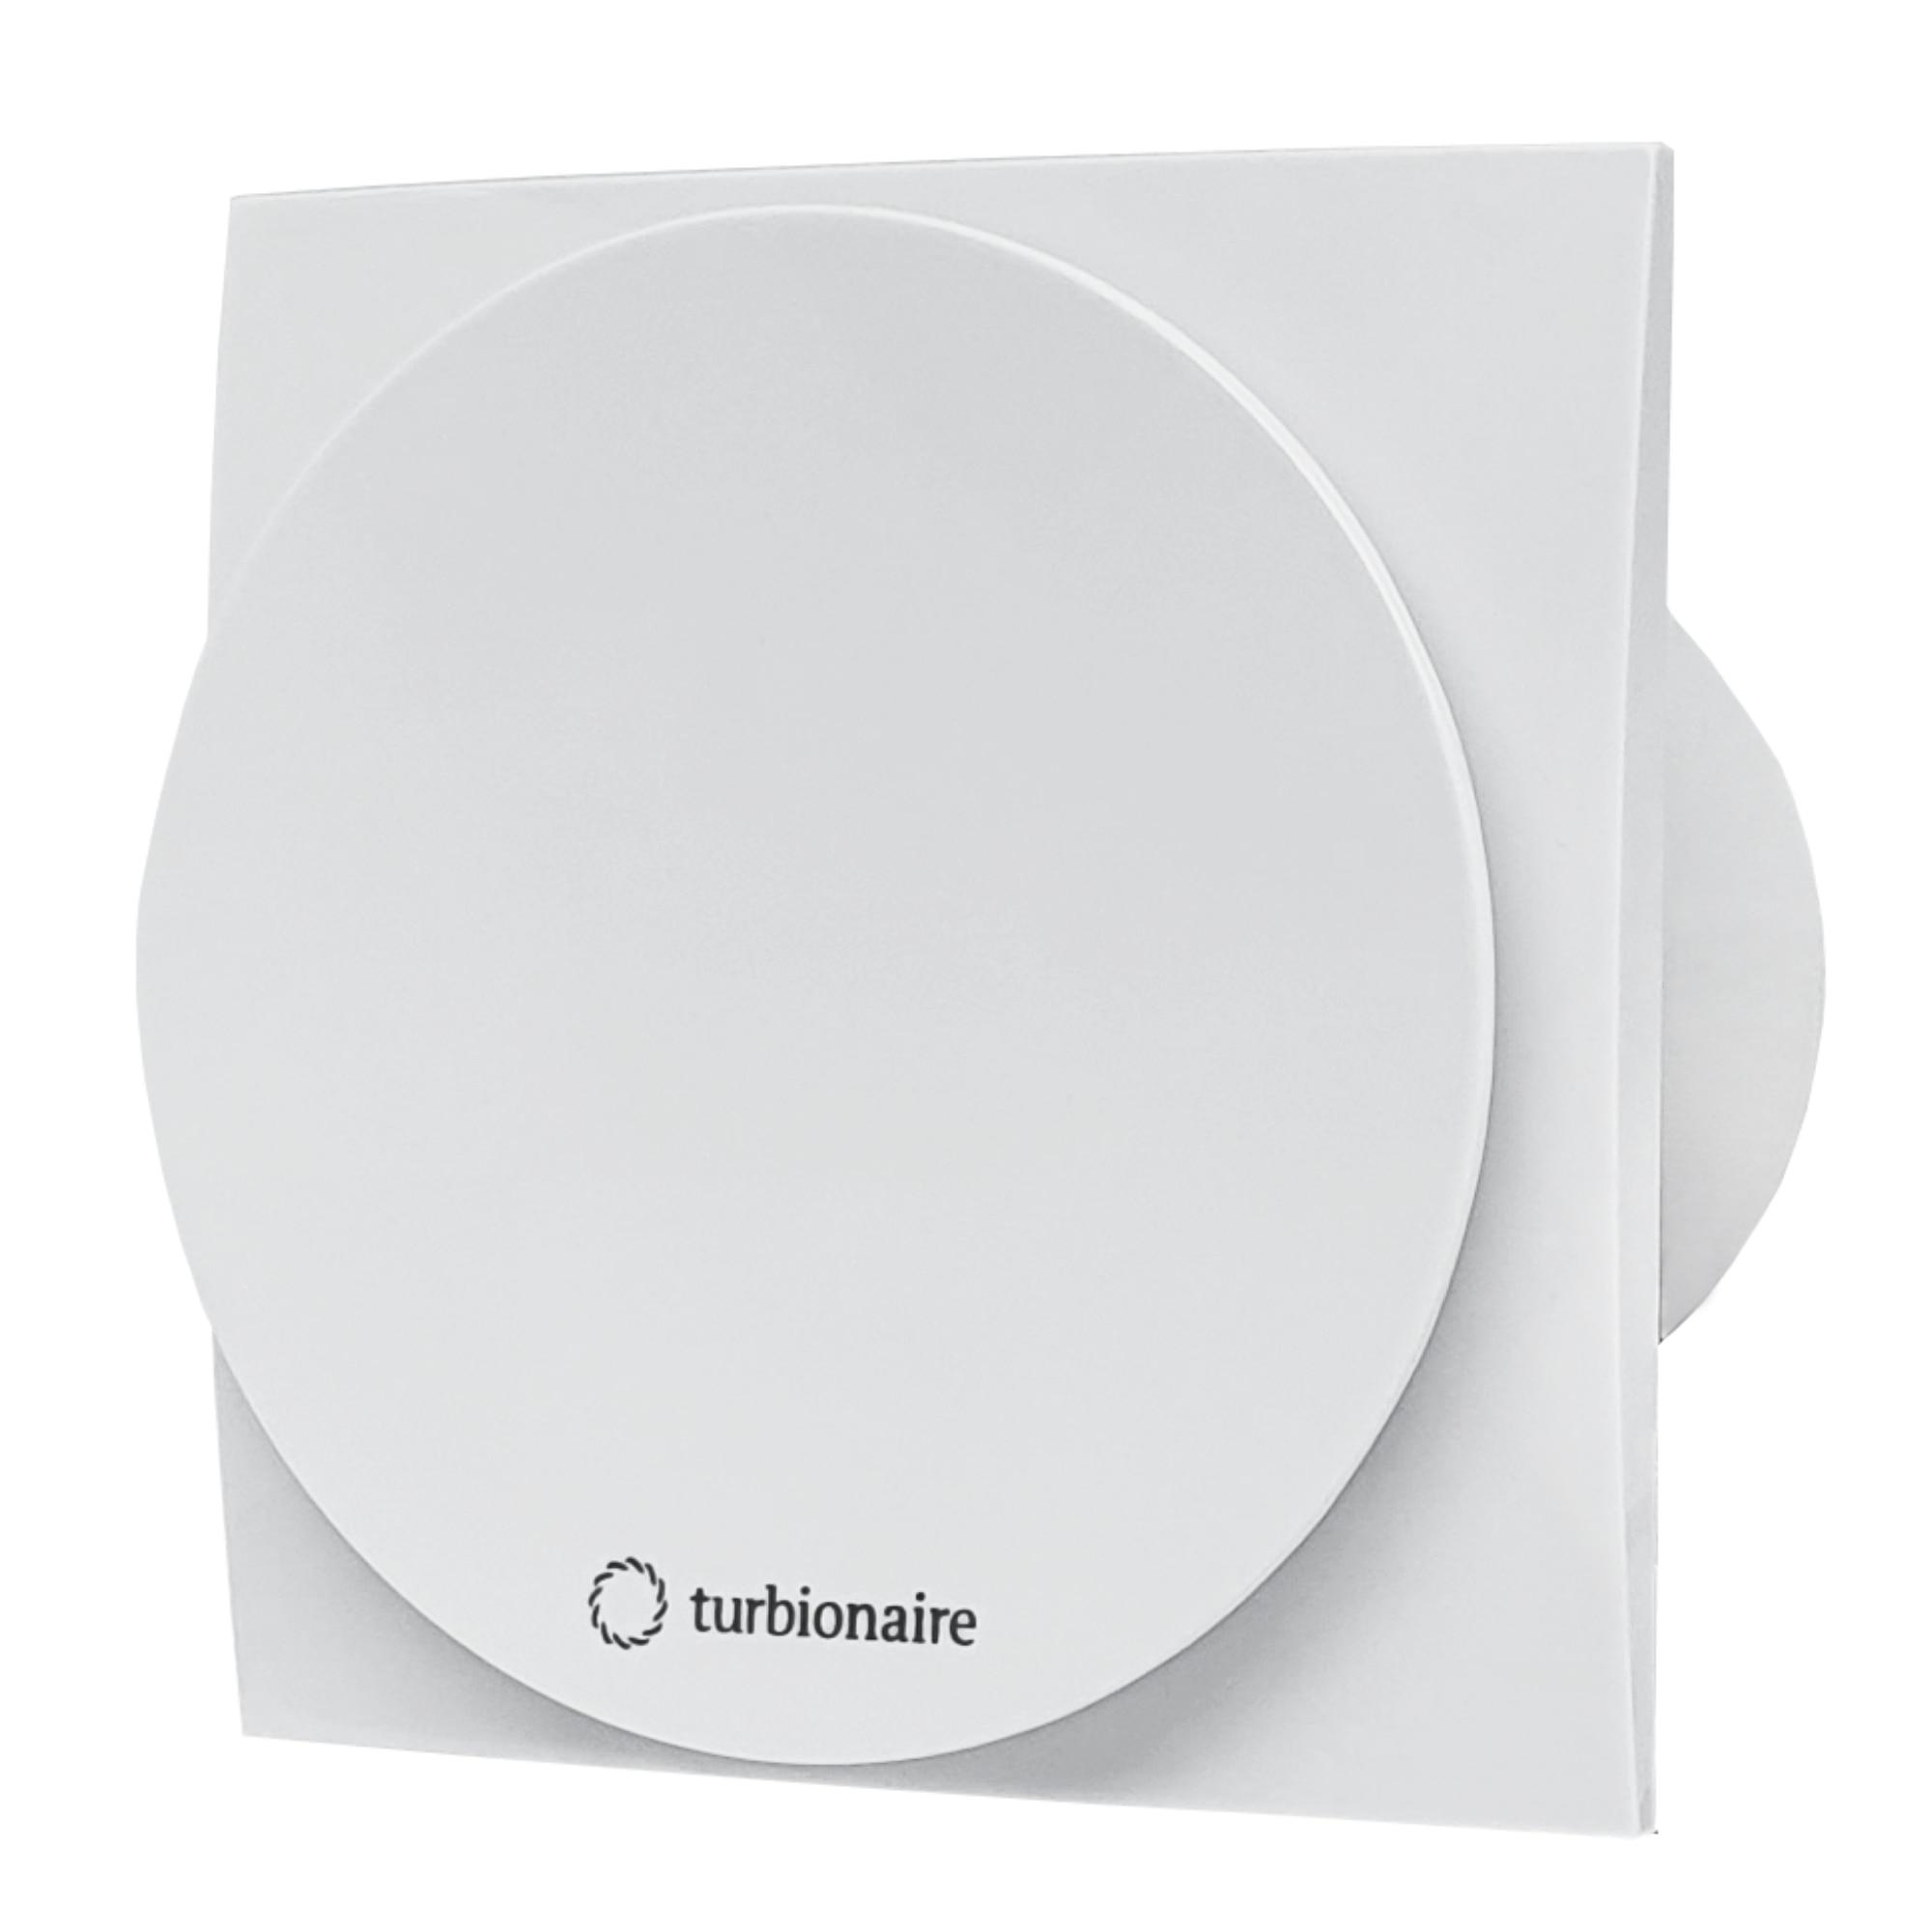 Fotografie Ventilator baie Turbionaire MIO 100 LL-SW, clapeta antiretur, motor Long Life, IPX4, 100 mm, Alb